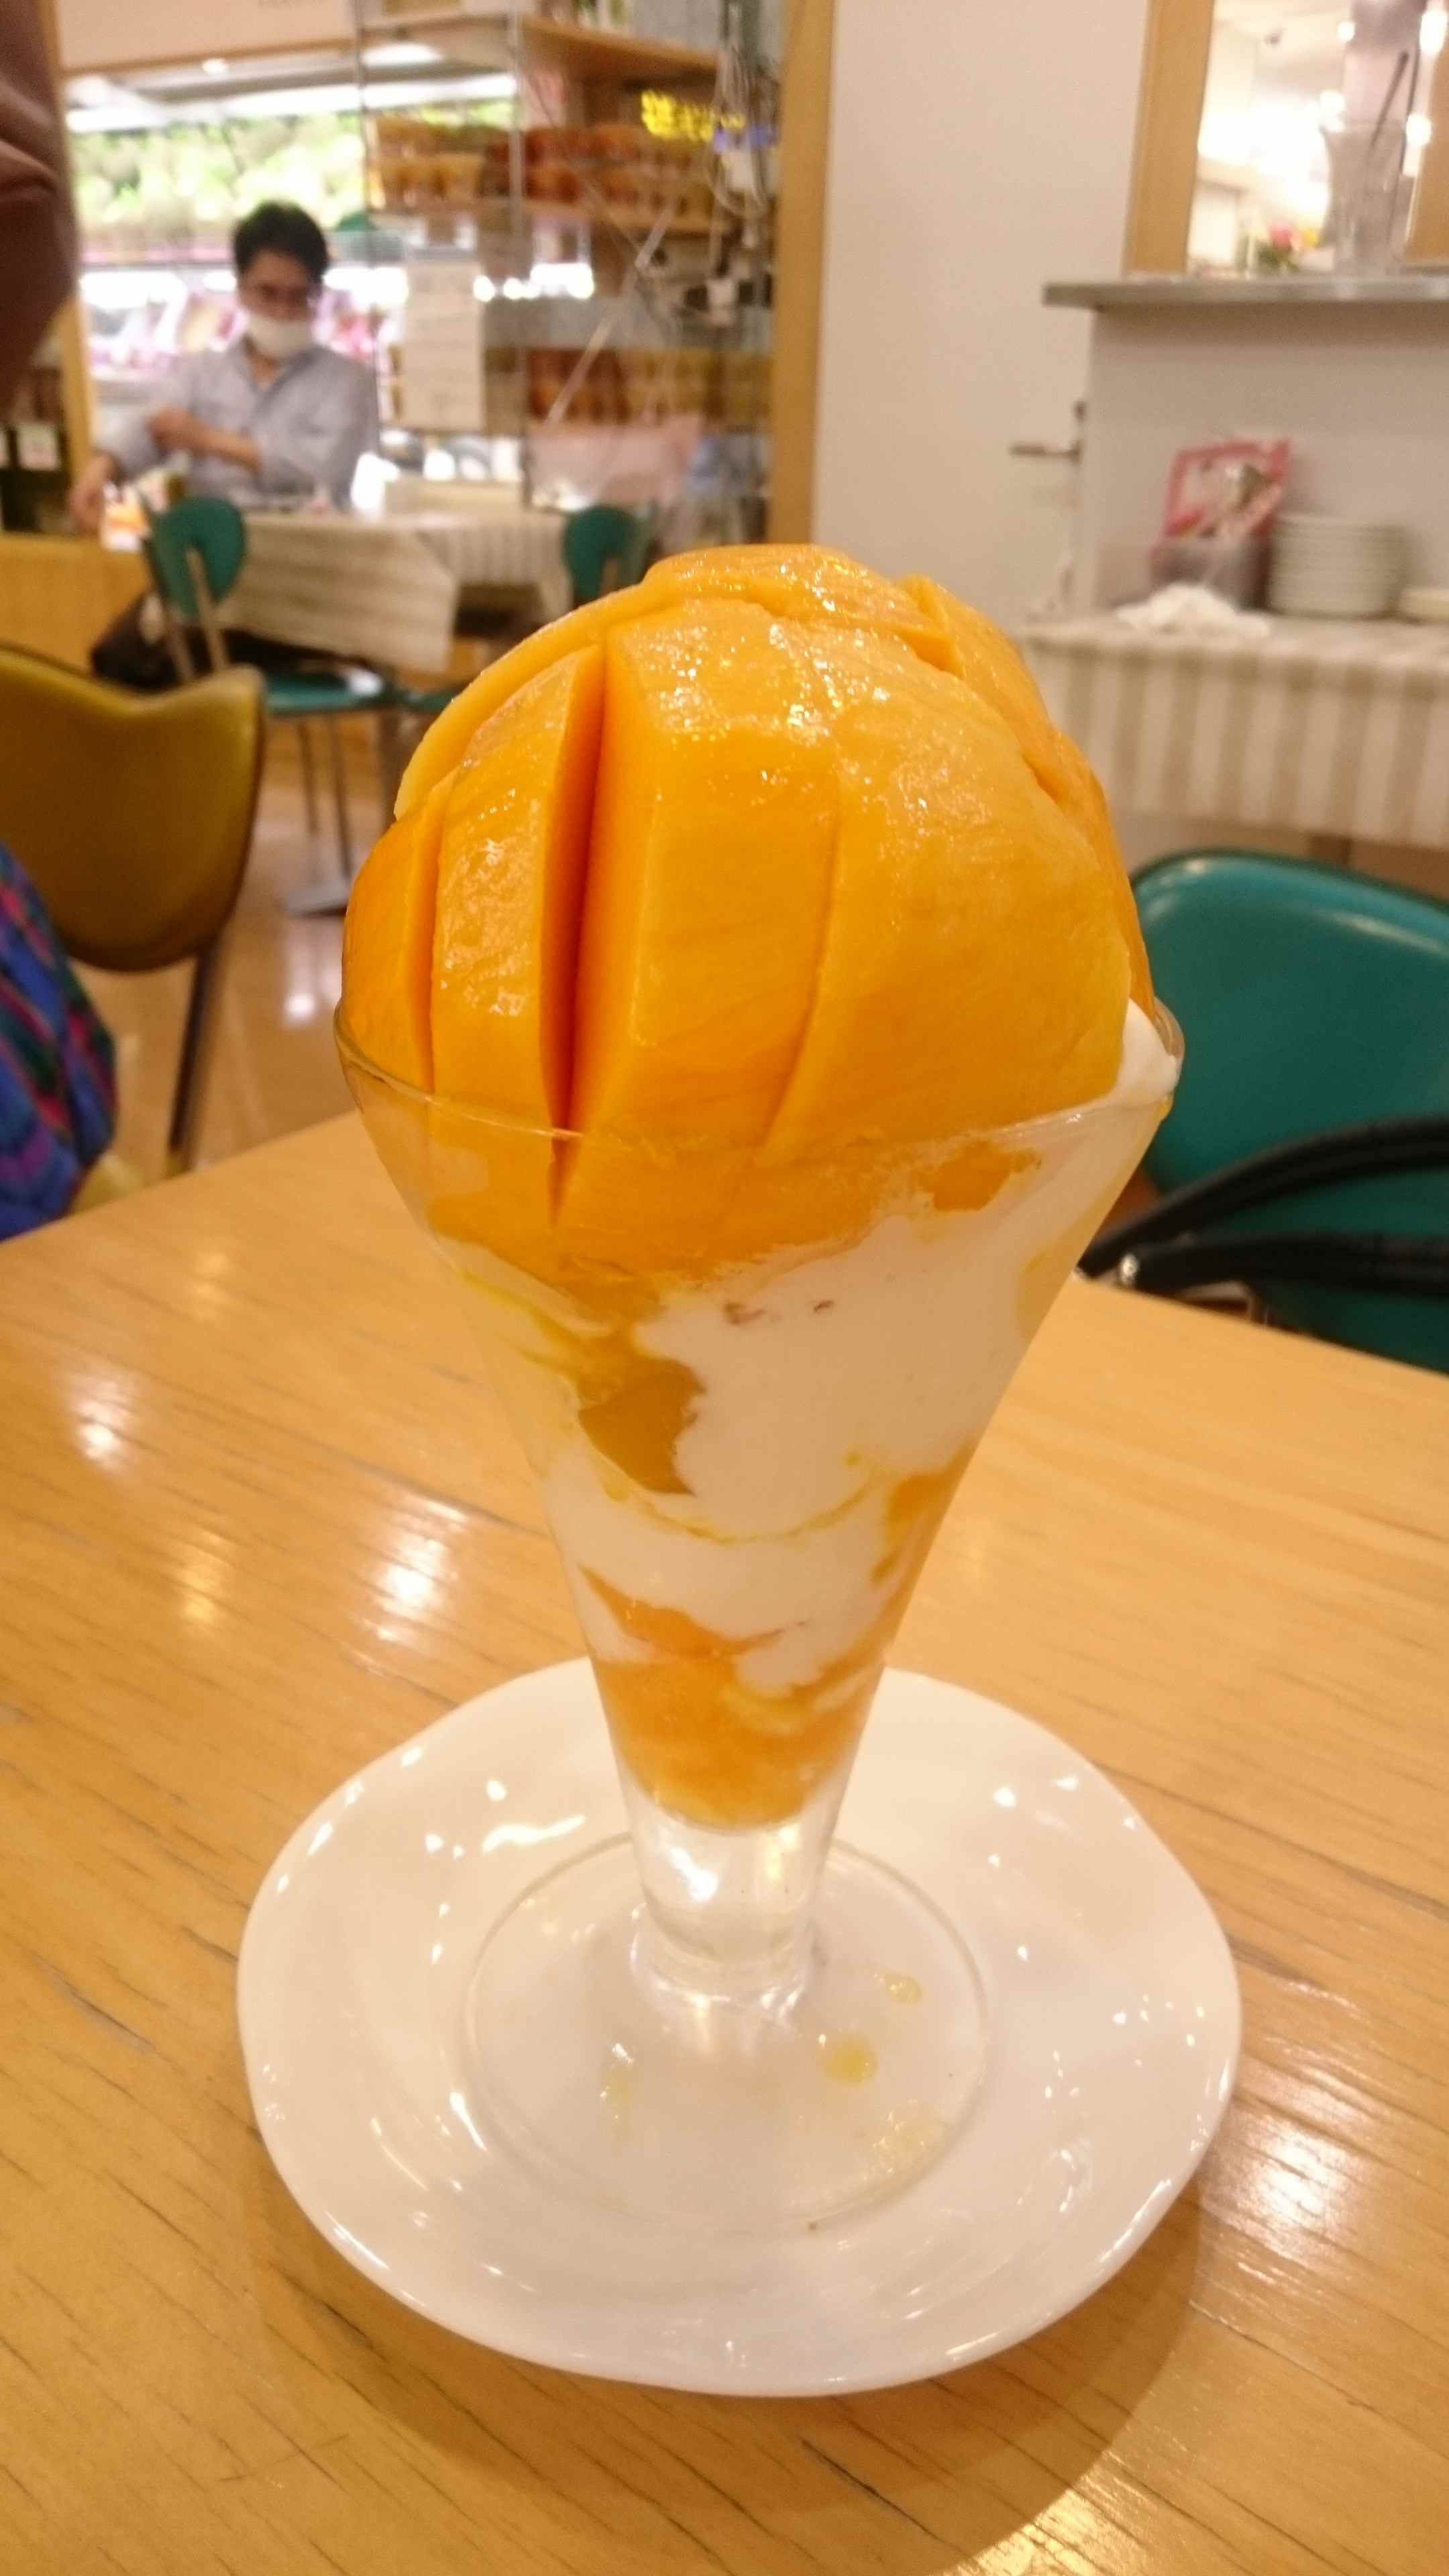 【カフェ】果物屋のフルーツパフェがやばい!